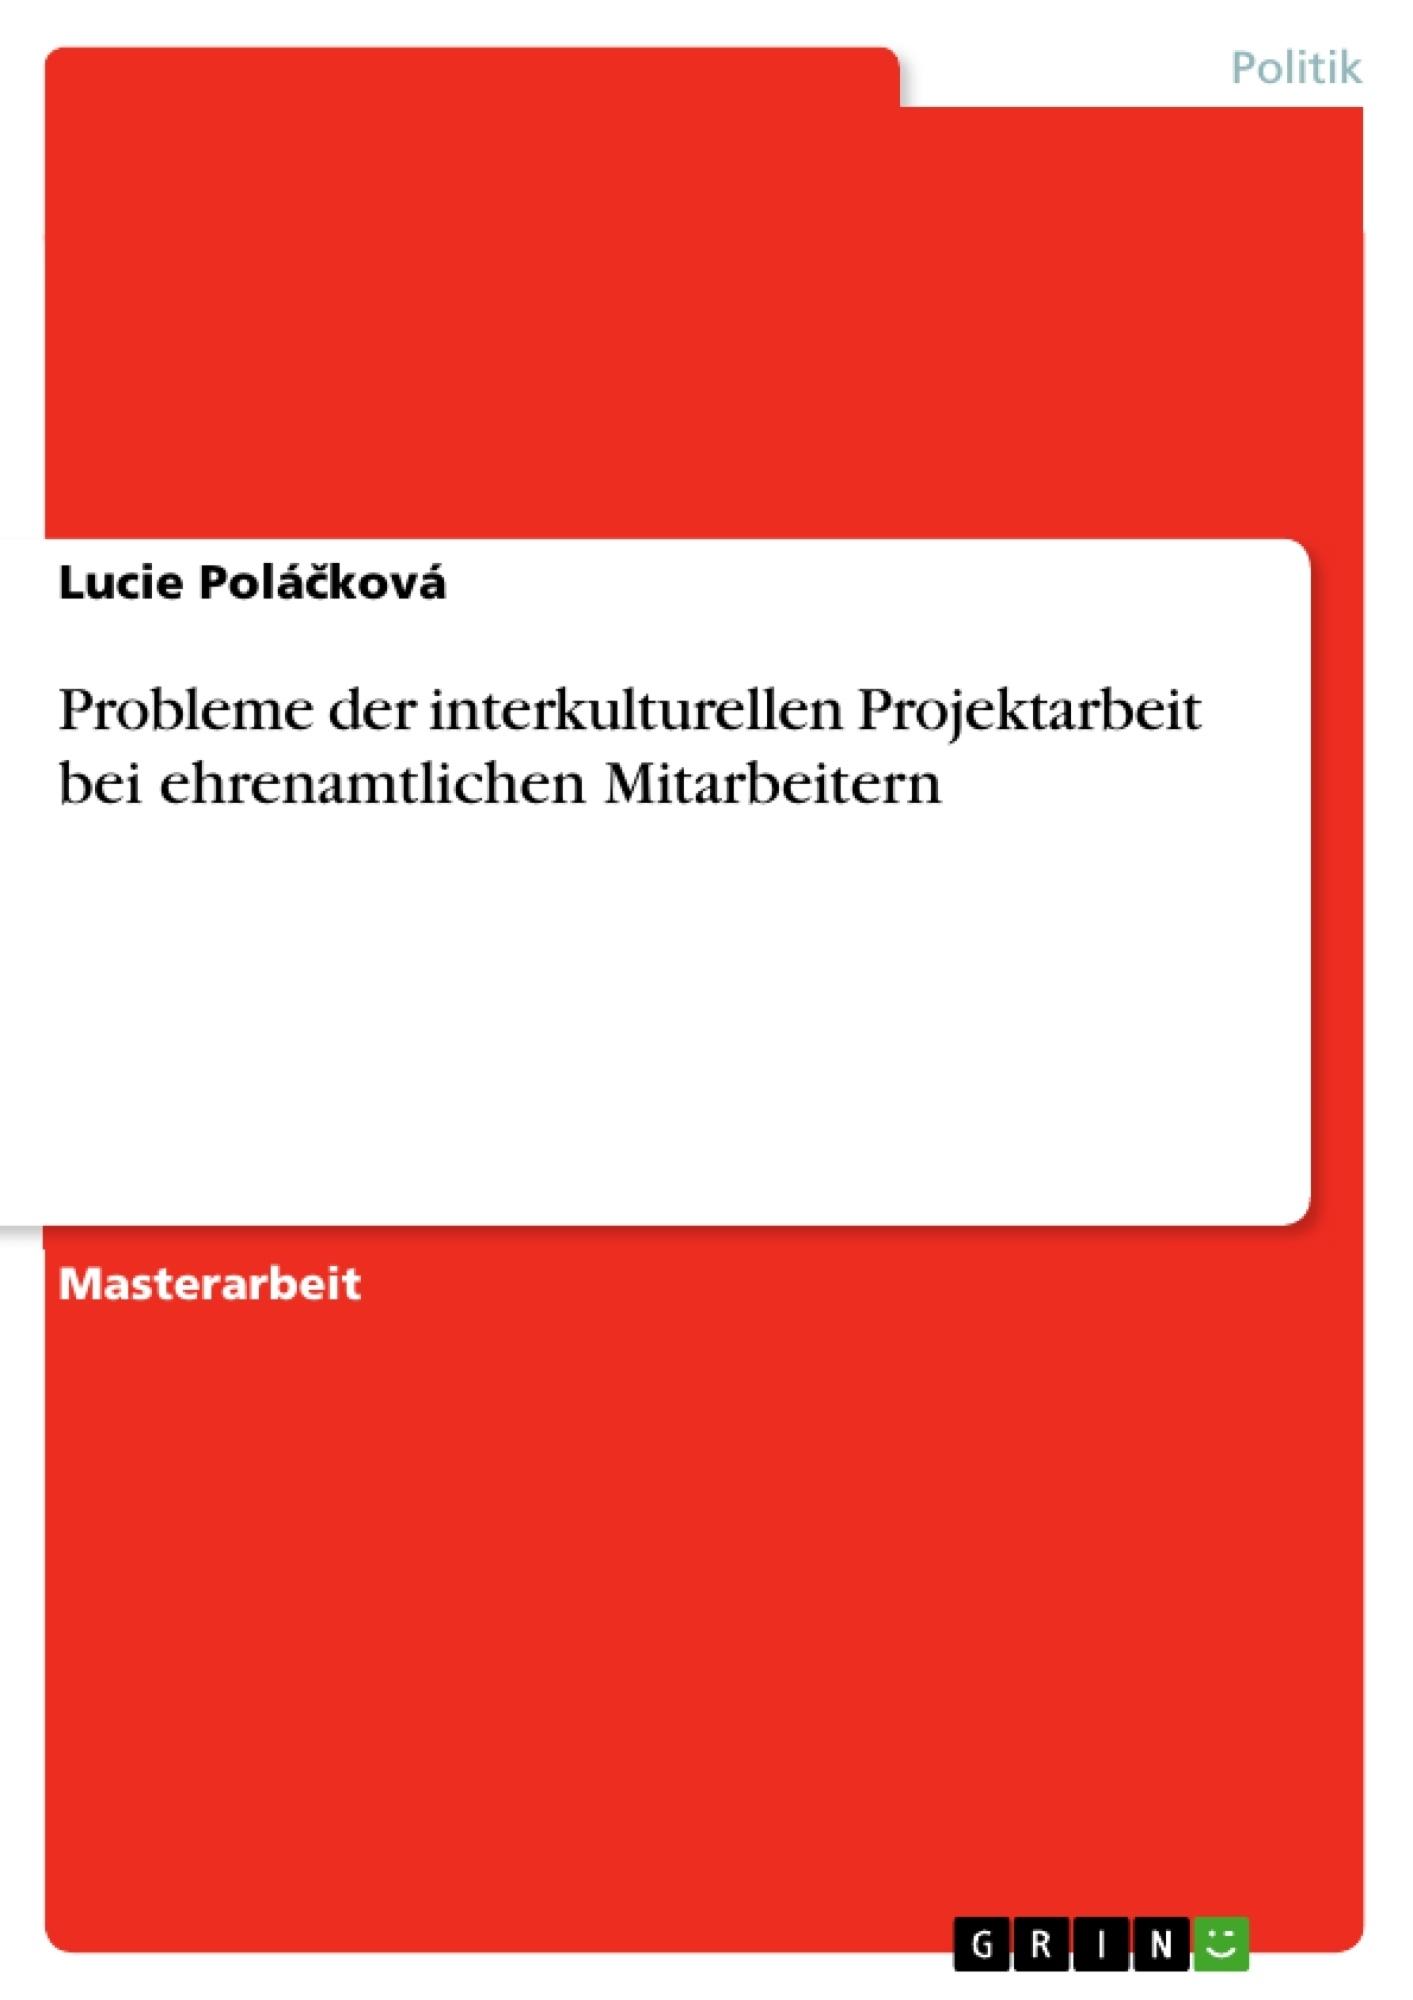 Titel: Probleme der interkulturellen Projektarbeit bei ehrenamtlichen Mitarbeitern